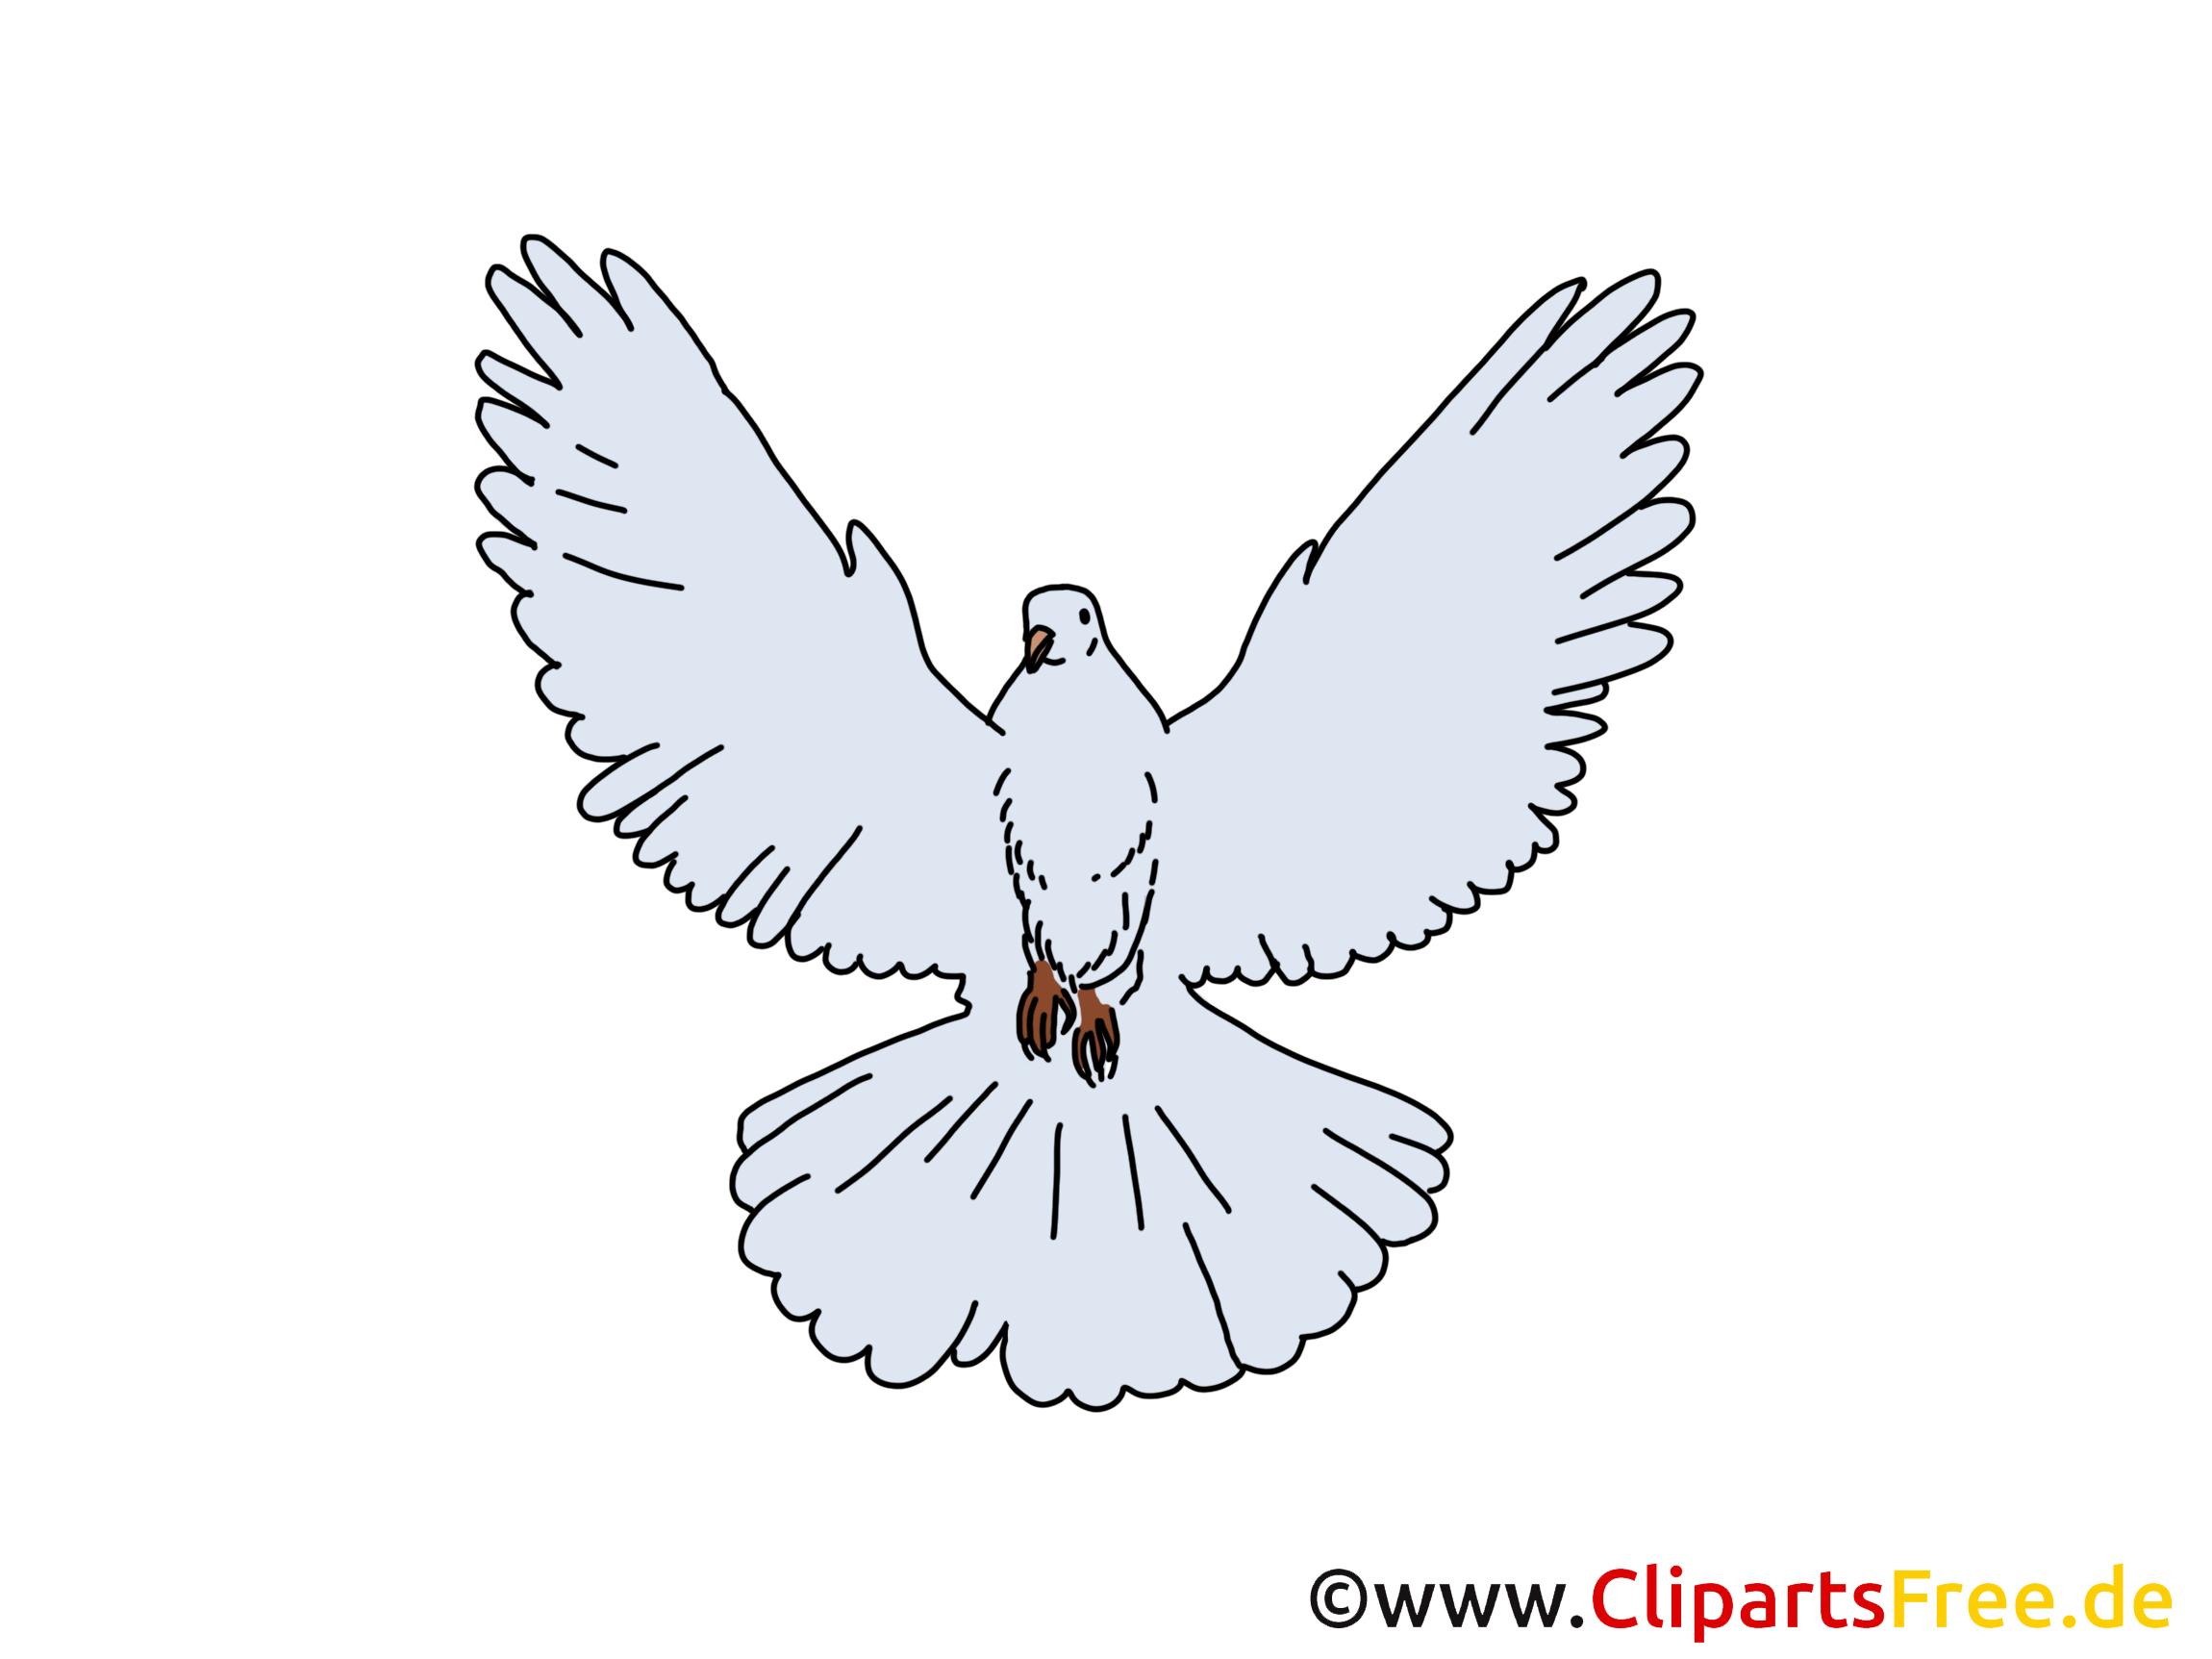 Bilder zu Pfingsten mit Taube kostenlos